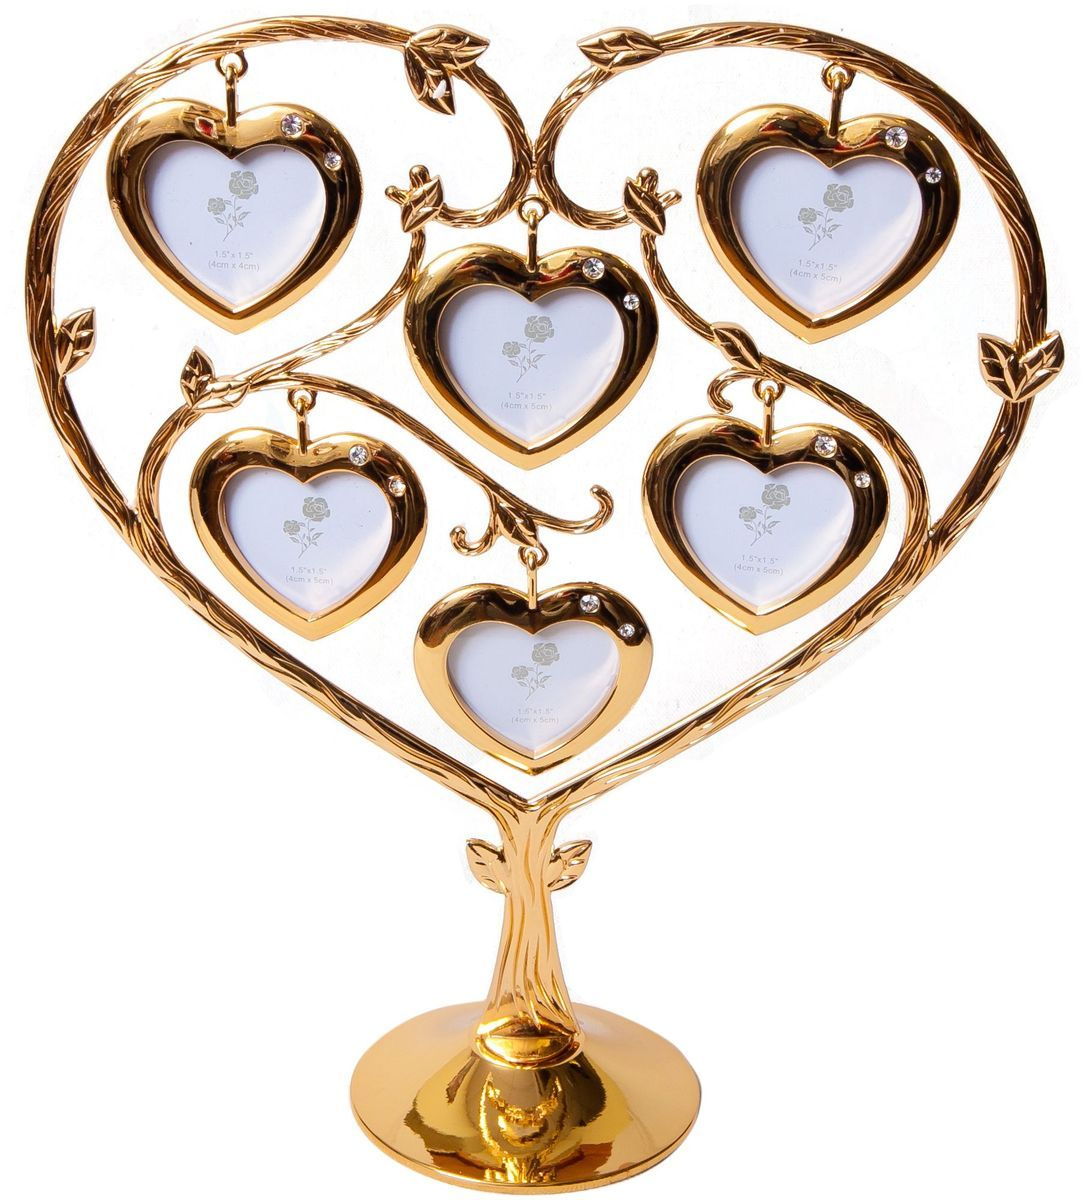 Фоторамка Platinum Дерево. Сердца, цвет: золотистый, на 6 фото, 4 x 5 см. PF9902SG фоторамки platinum quality фоторамка дерево на 6 фото 6х8см